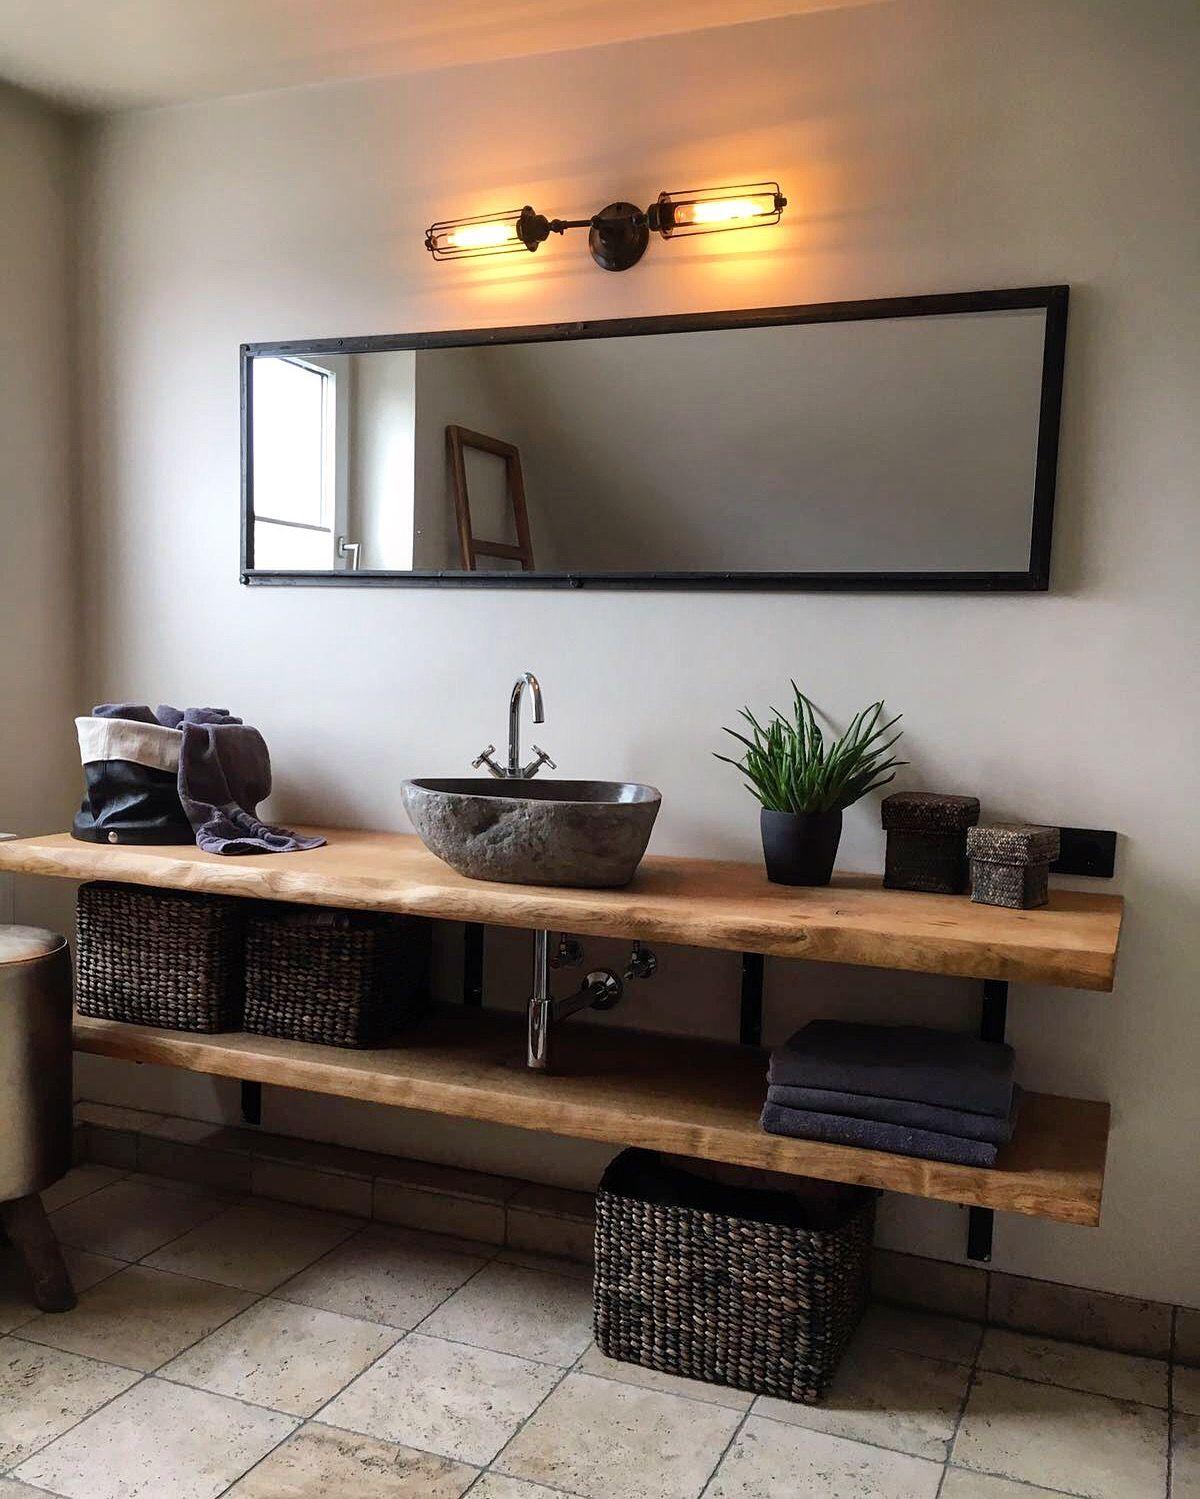 Waschtischplatte Eichenholz Naturkante Massiv Bad Gunstig Renovieren Waschtischplatte Badezimmer Rustikal